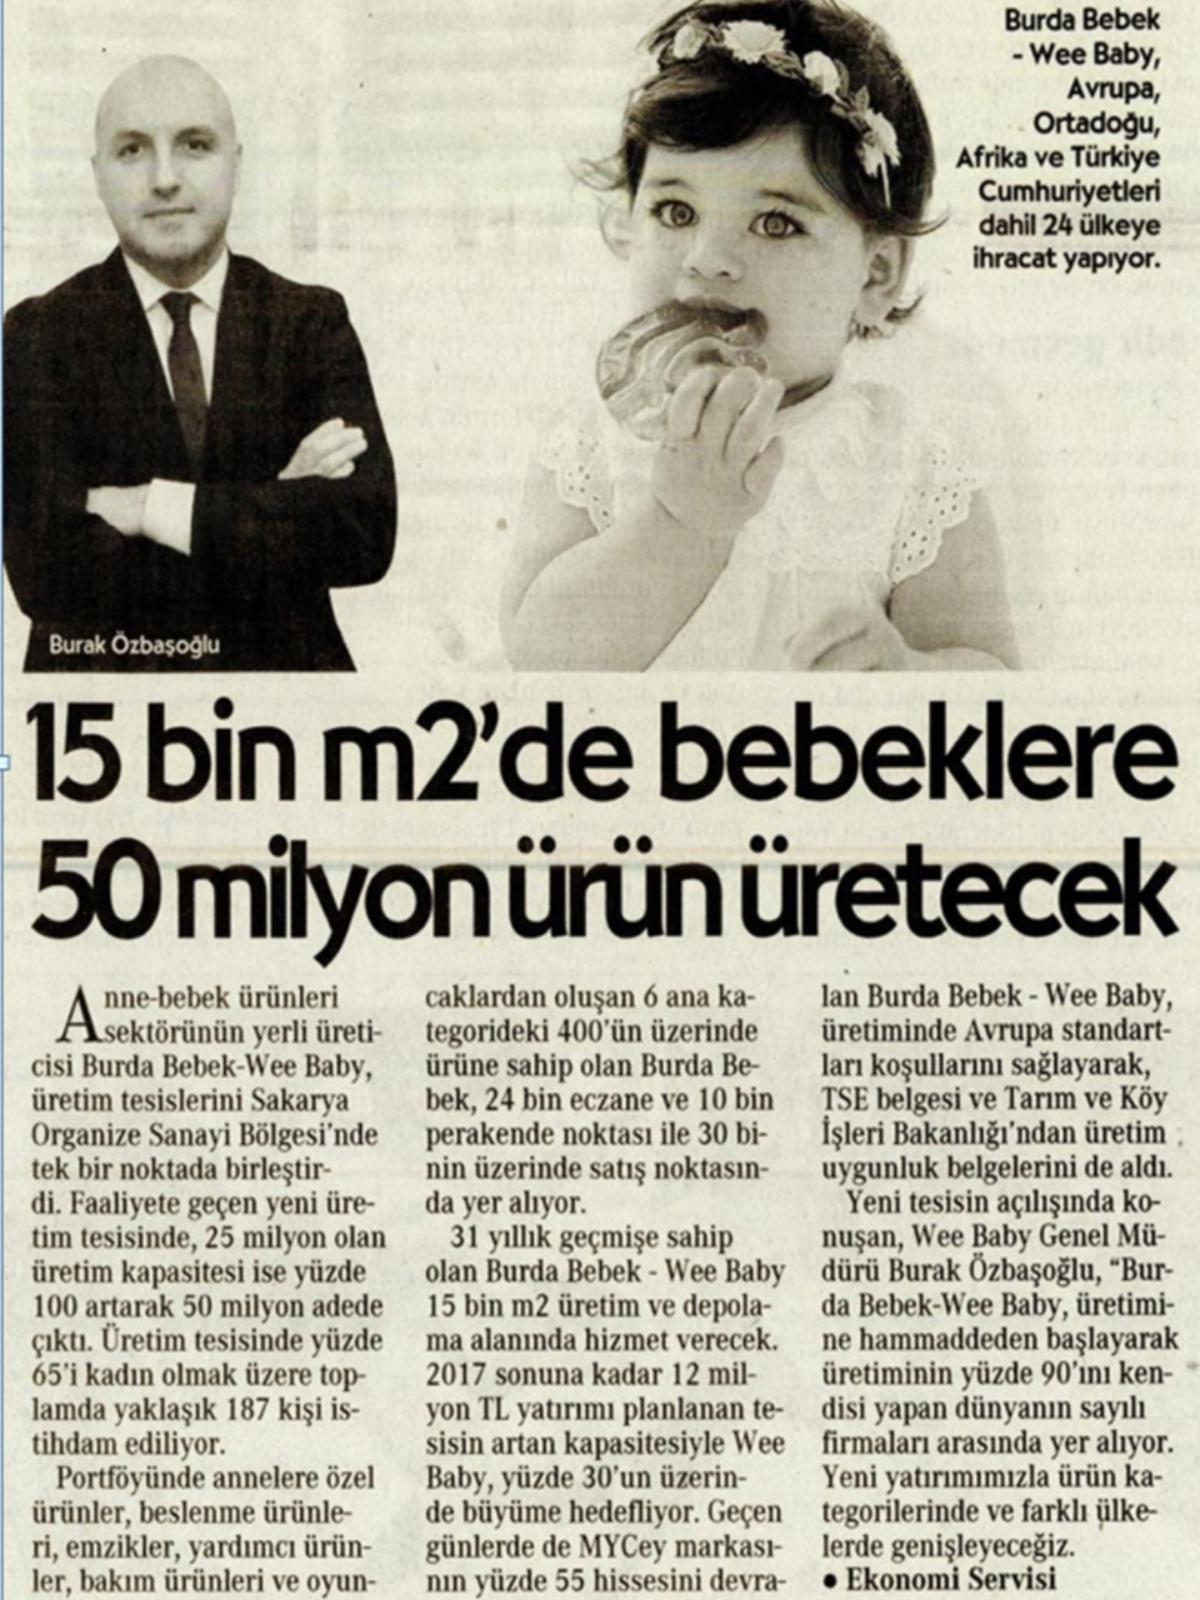 15 Bin m2'de Bebeklere 50 milyon ürün üretecek